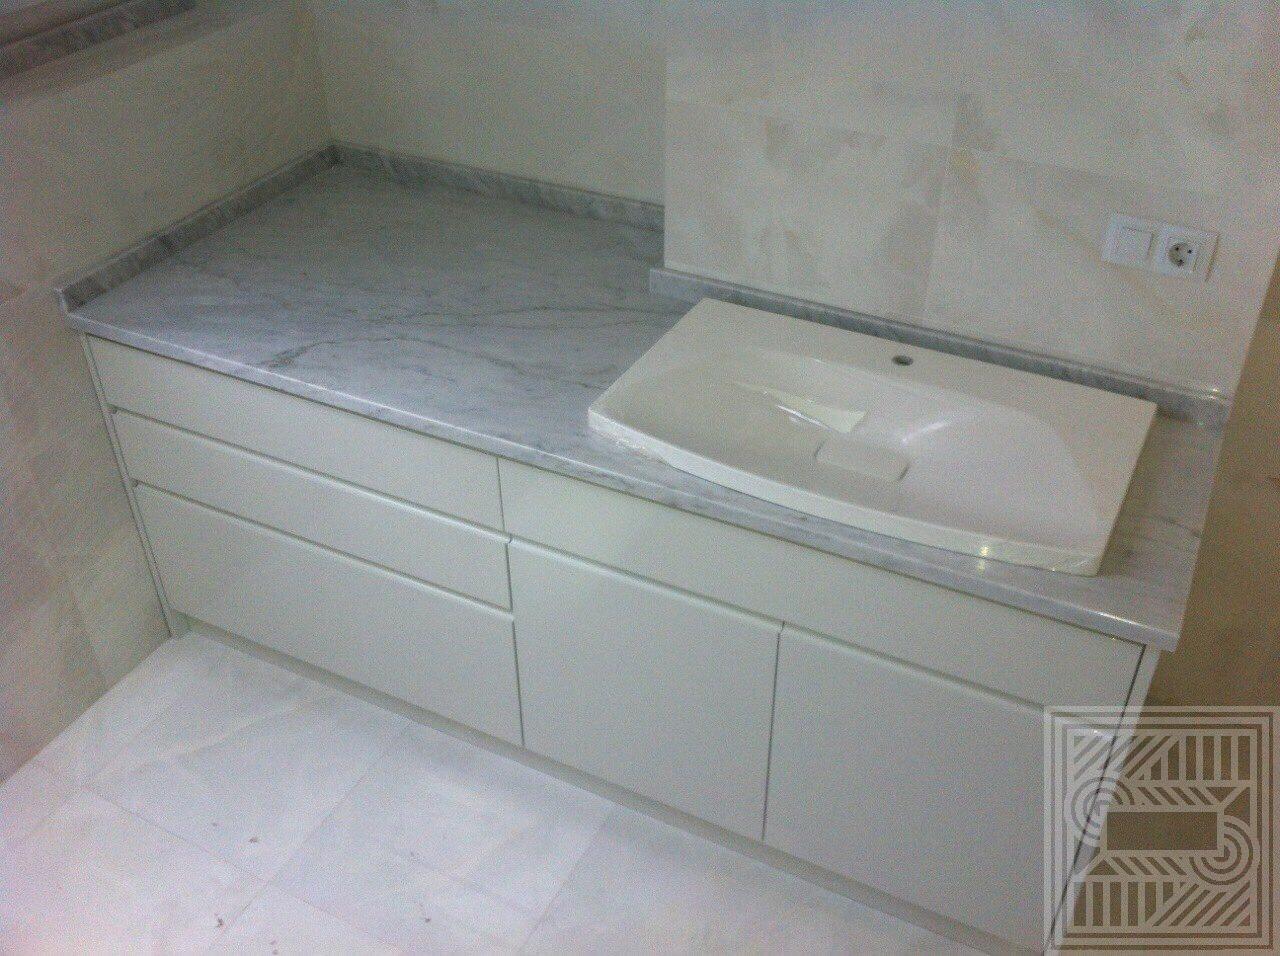 Столешница из мрамора Carrara worktop-marble - IMG 5096